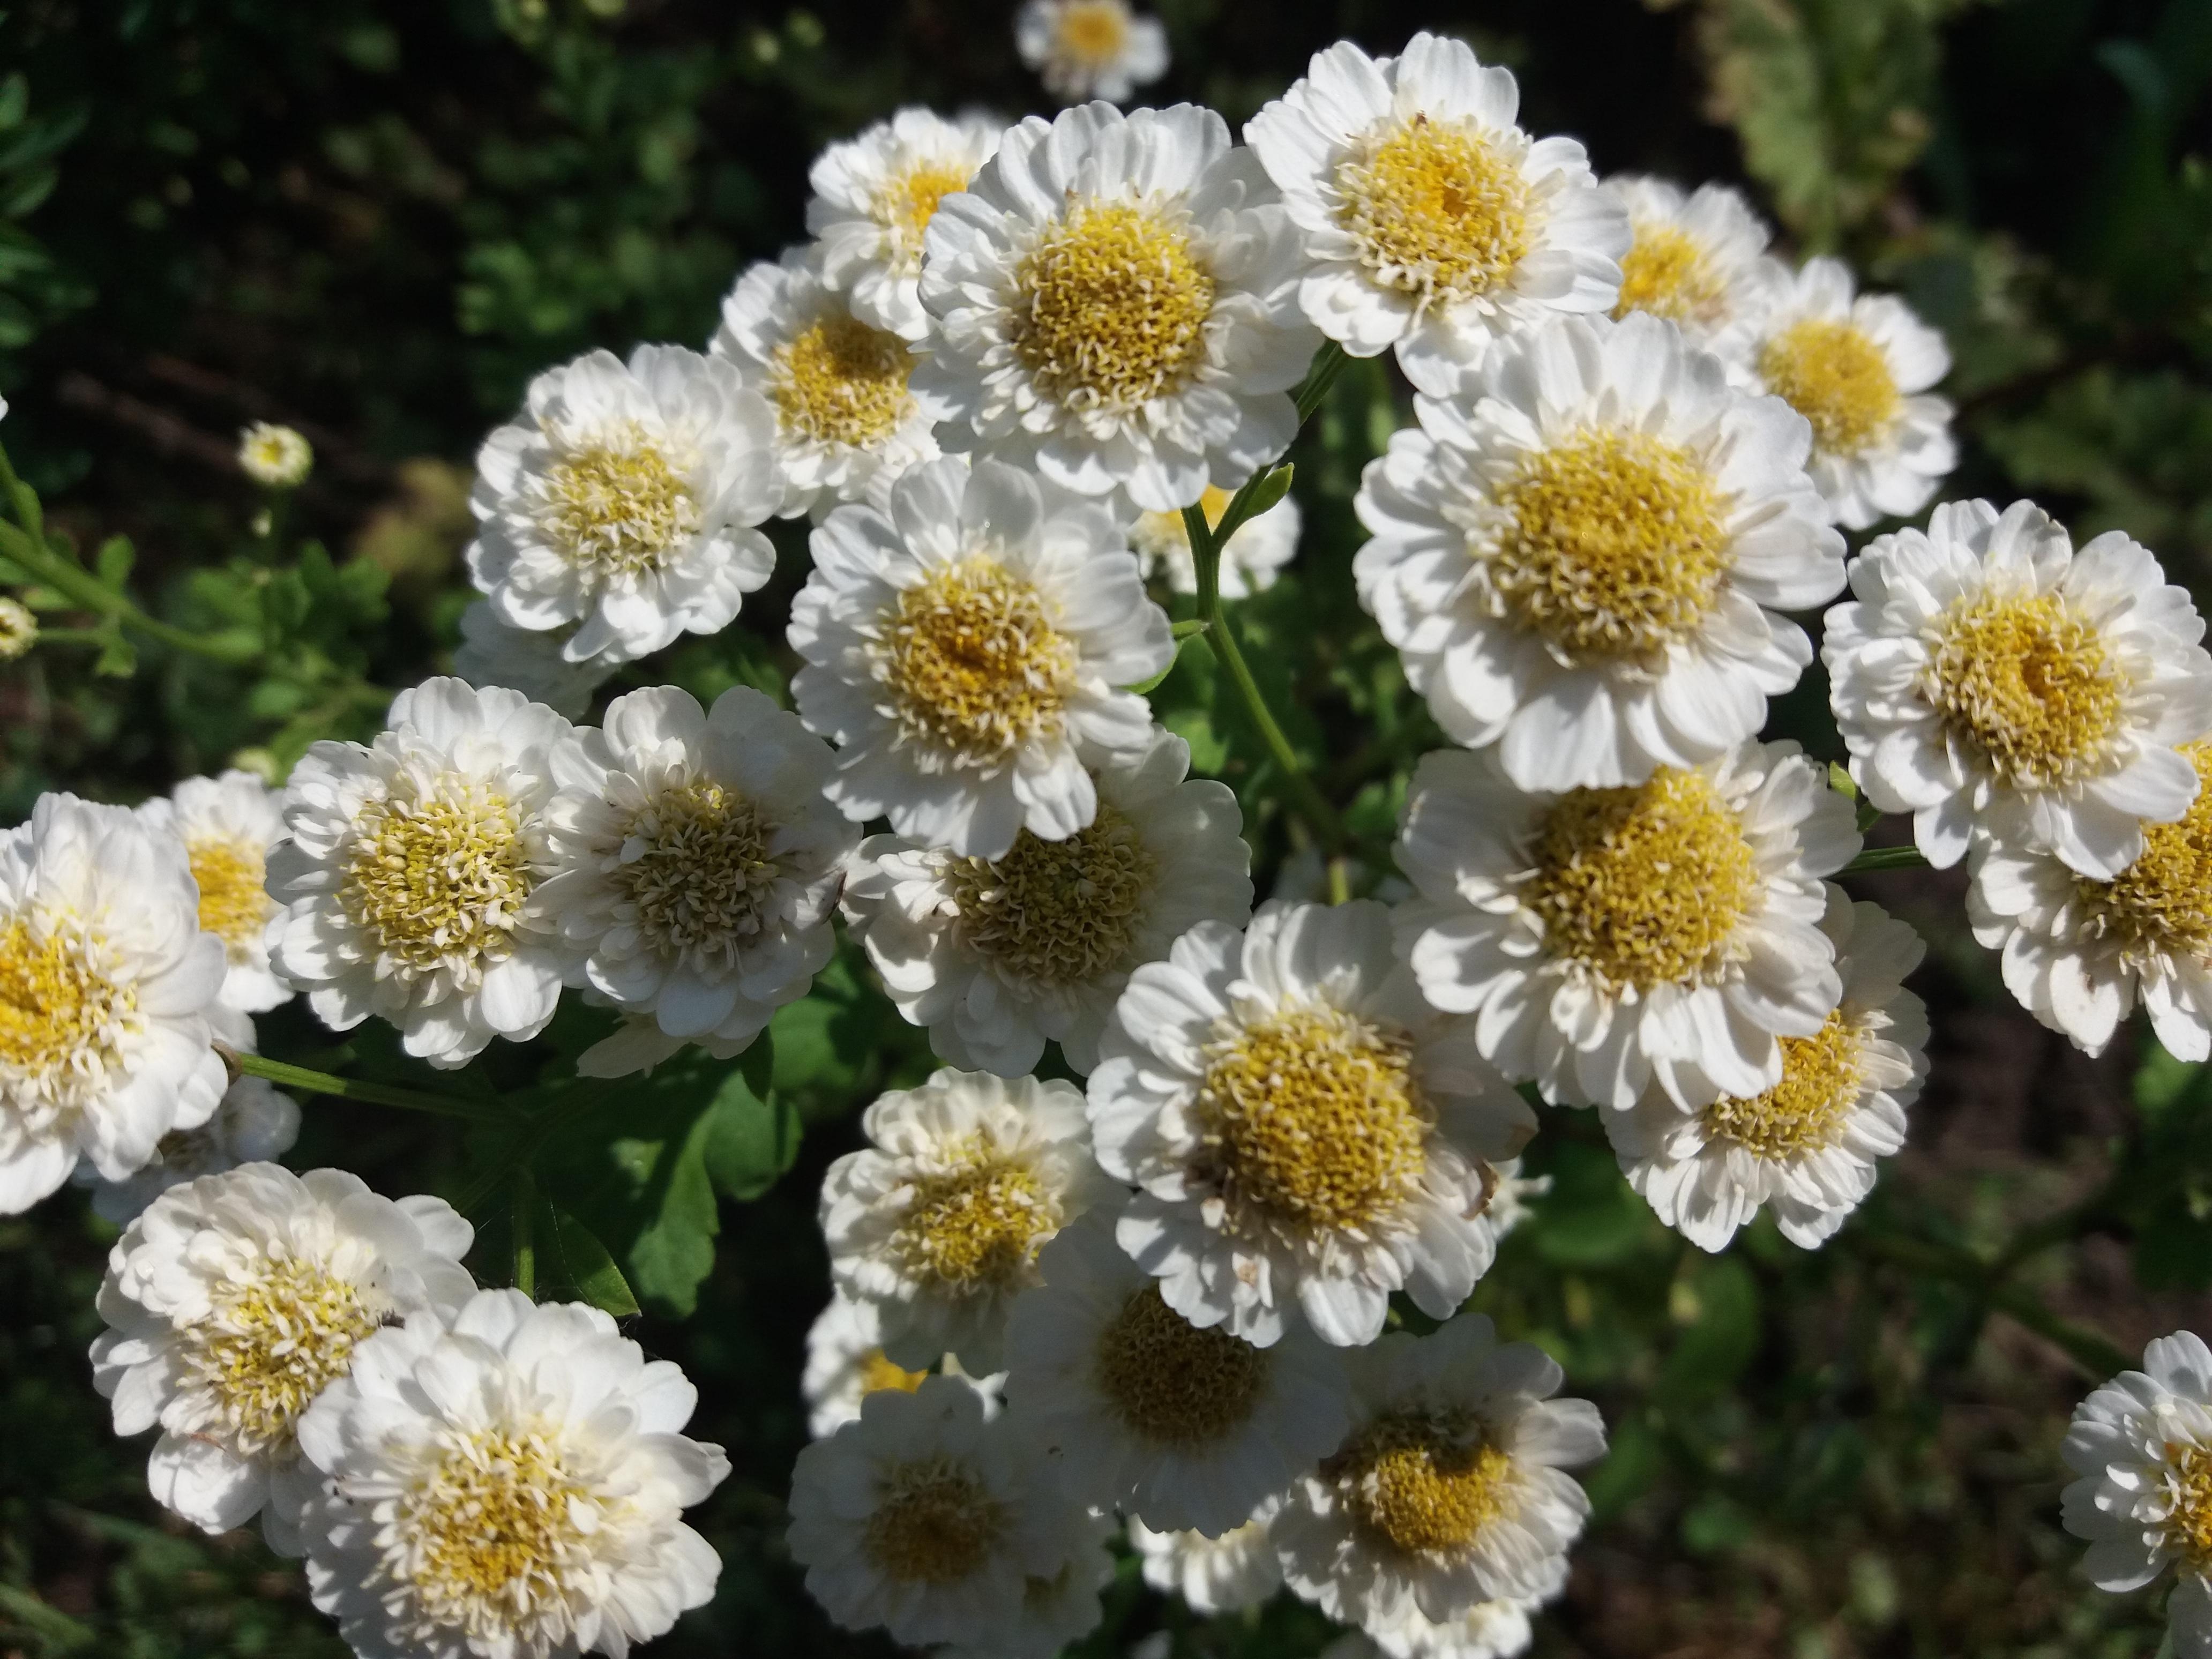 бмз матрикария фото цветы техническую